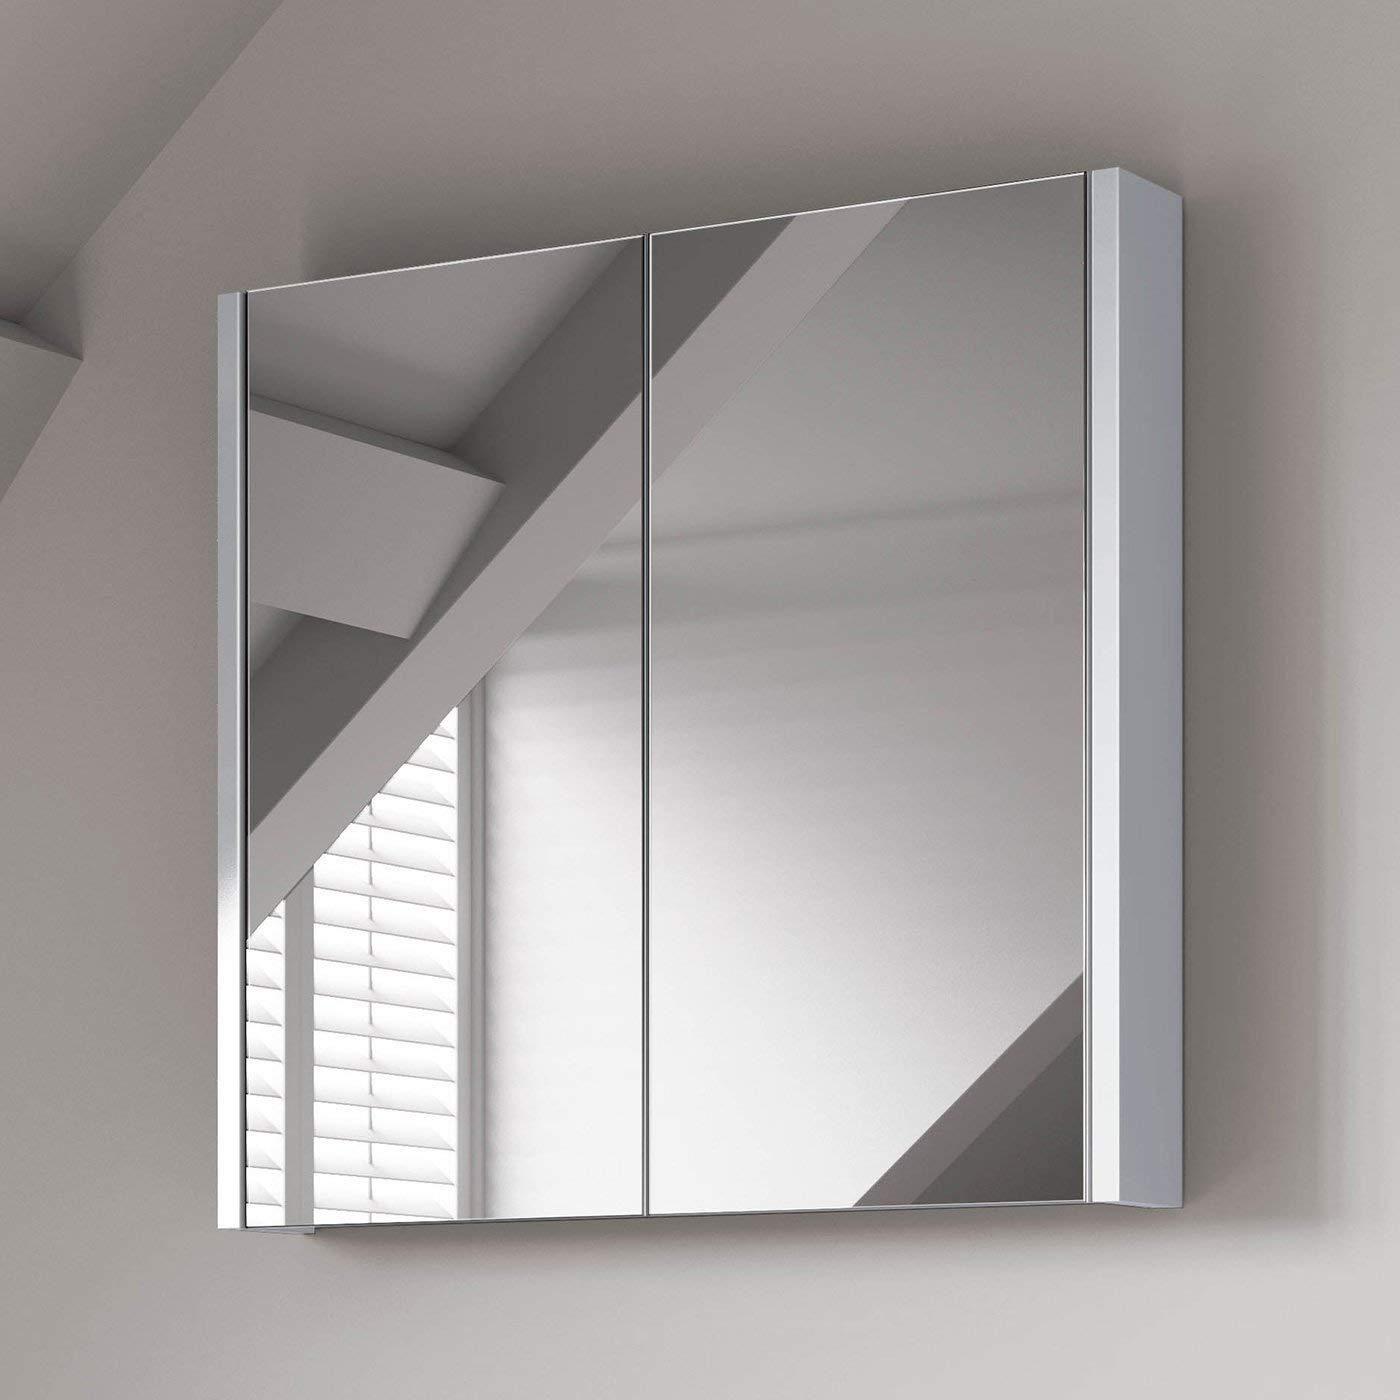 Badezimmer Spiegelschrank Badezimmer Ideen Ikea Fur Ikea Badezimmer Spiegelschrank Badmobel Set Spiegelschrank Ikea Badezimmer Spiegelschrank Spiegelschrank